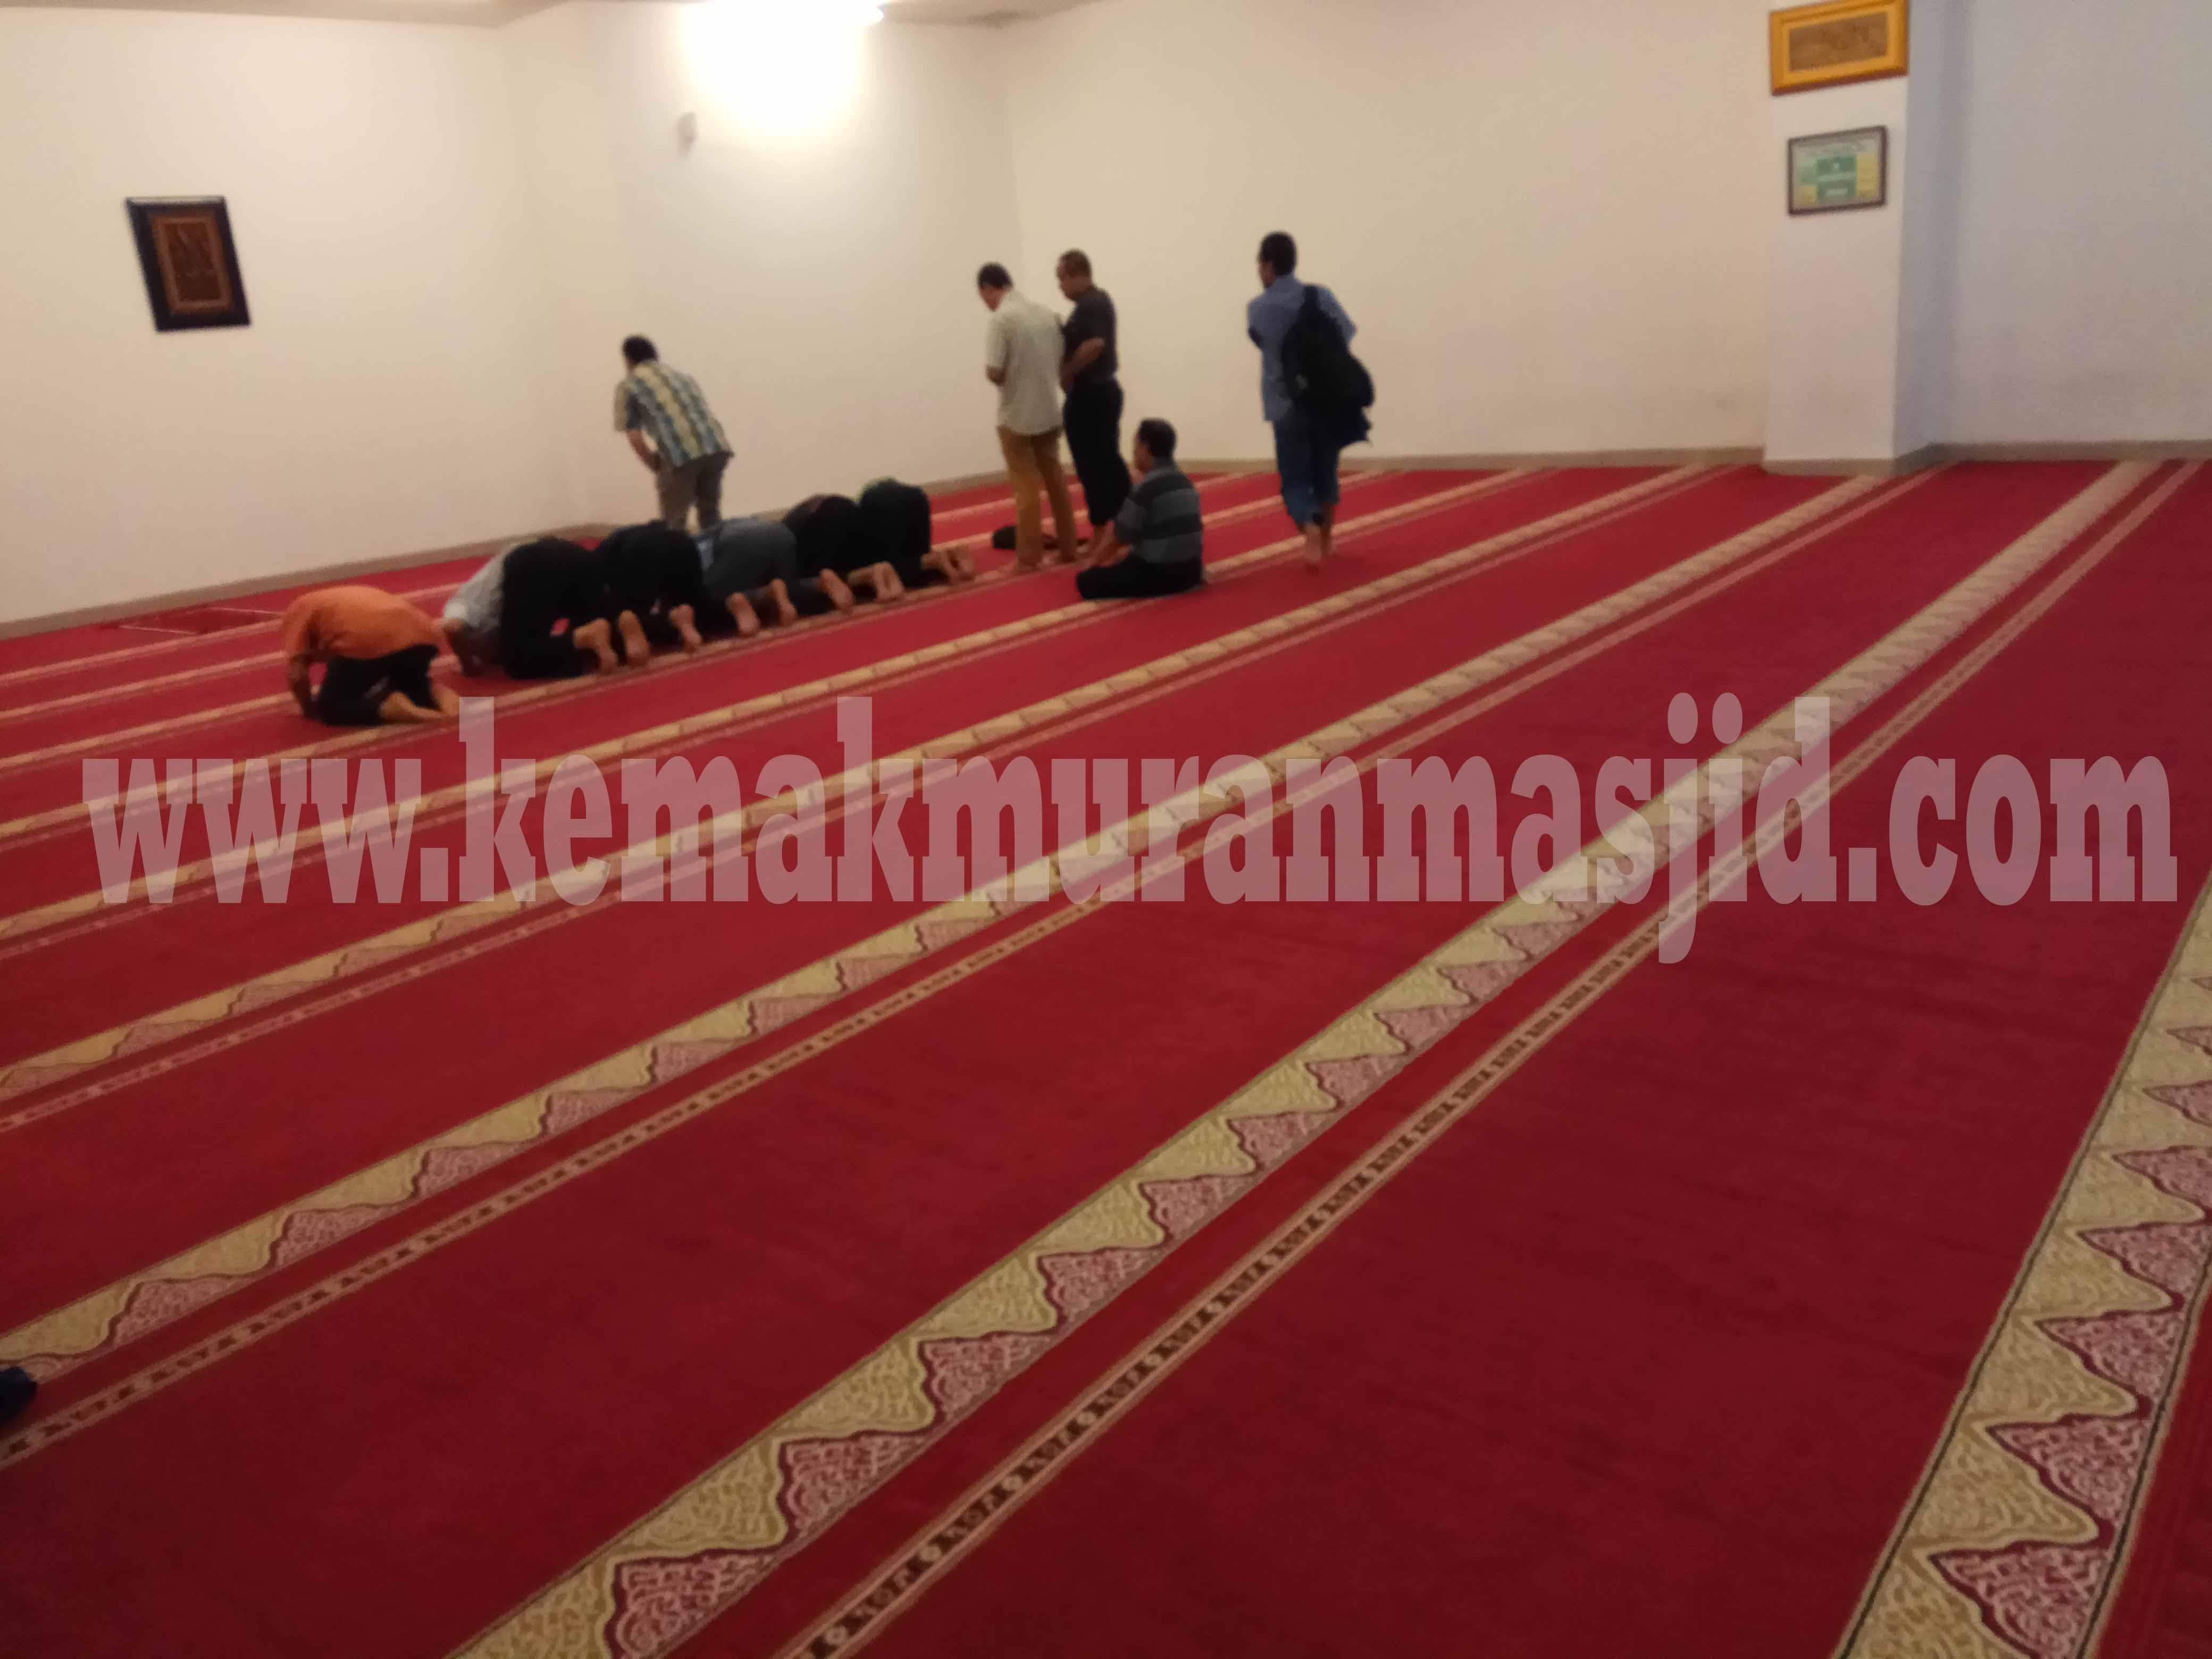 jual karpet masjid di bali denpasar harga terjangkau